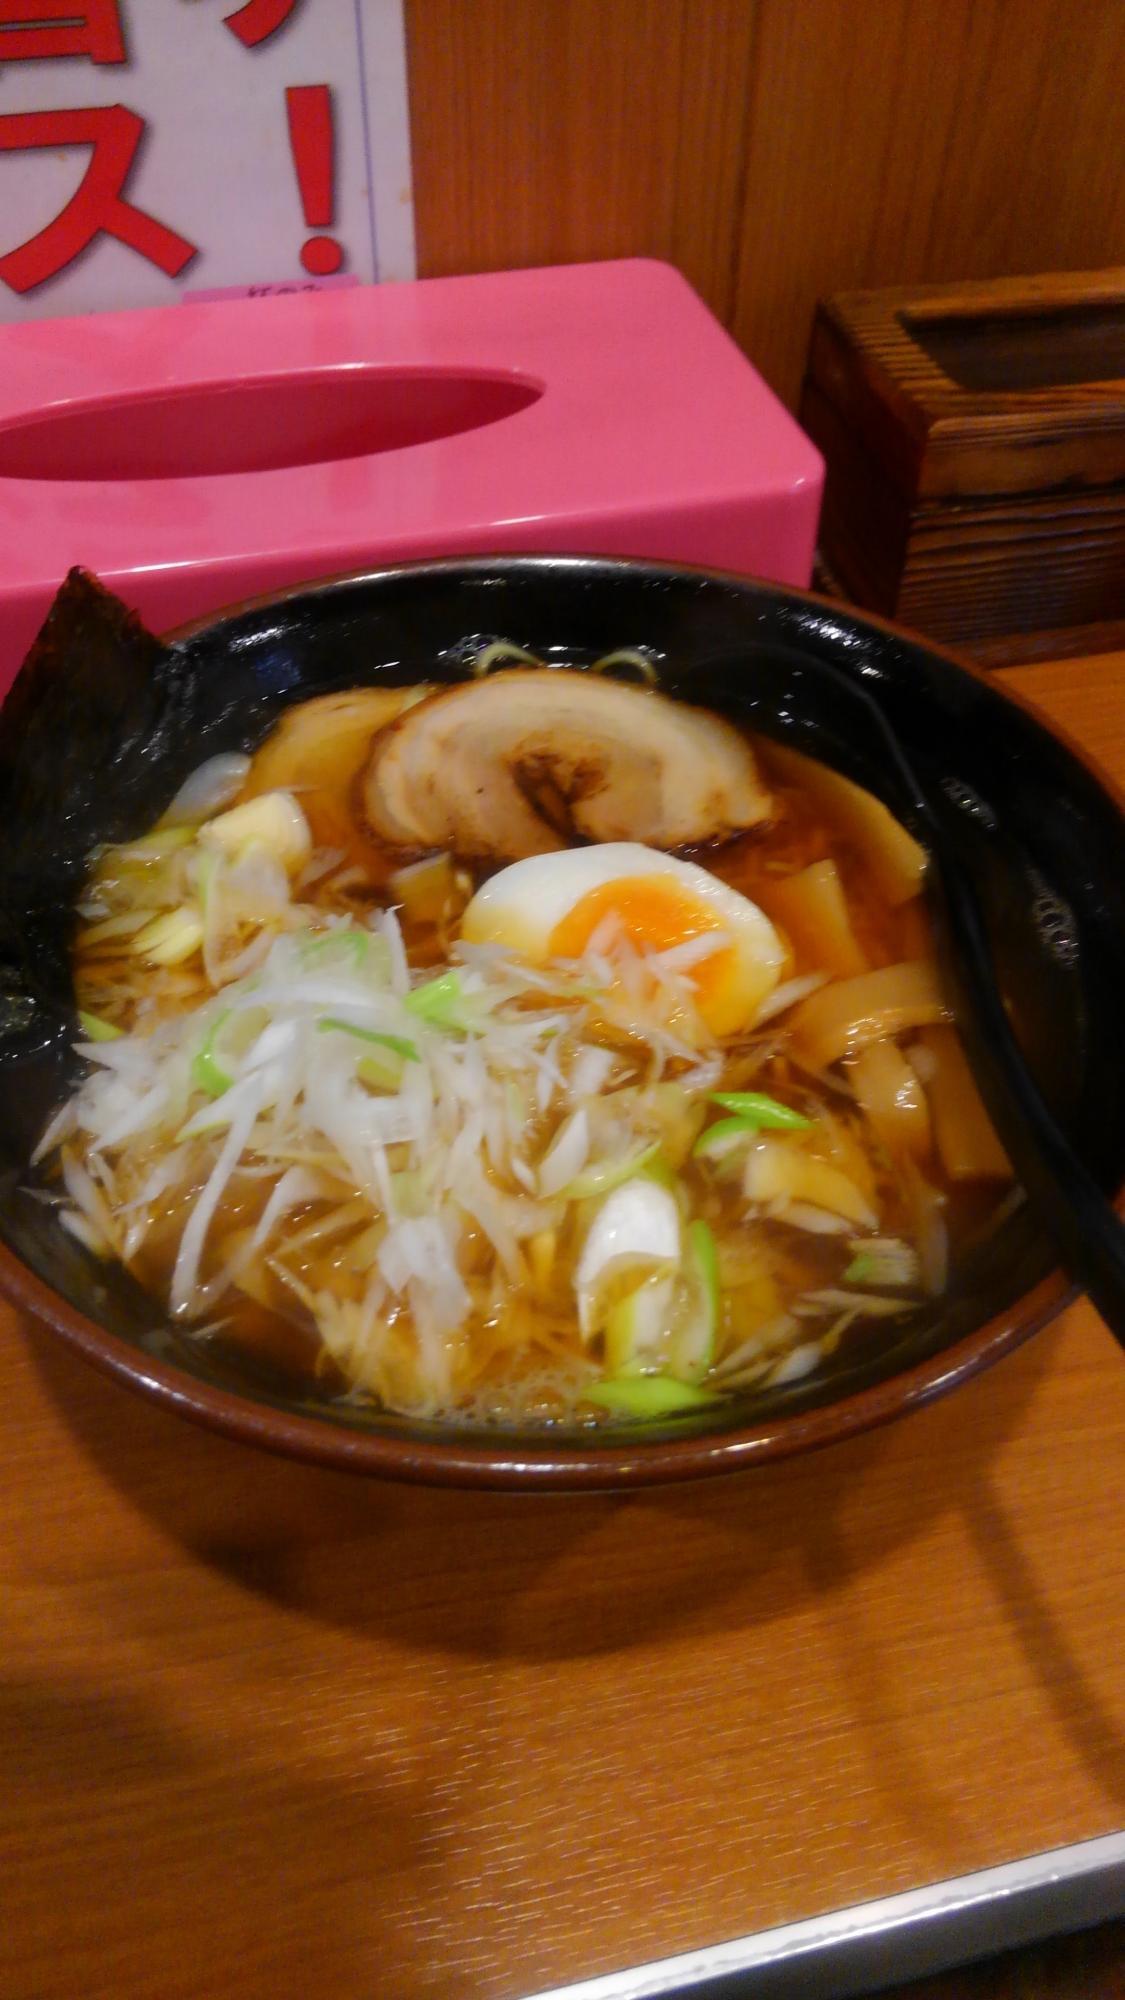 ラーメンうらやす「魚介ネギラーメン」(800円)